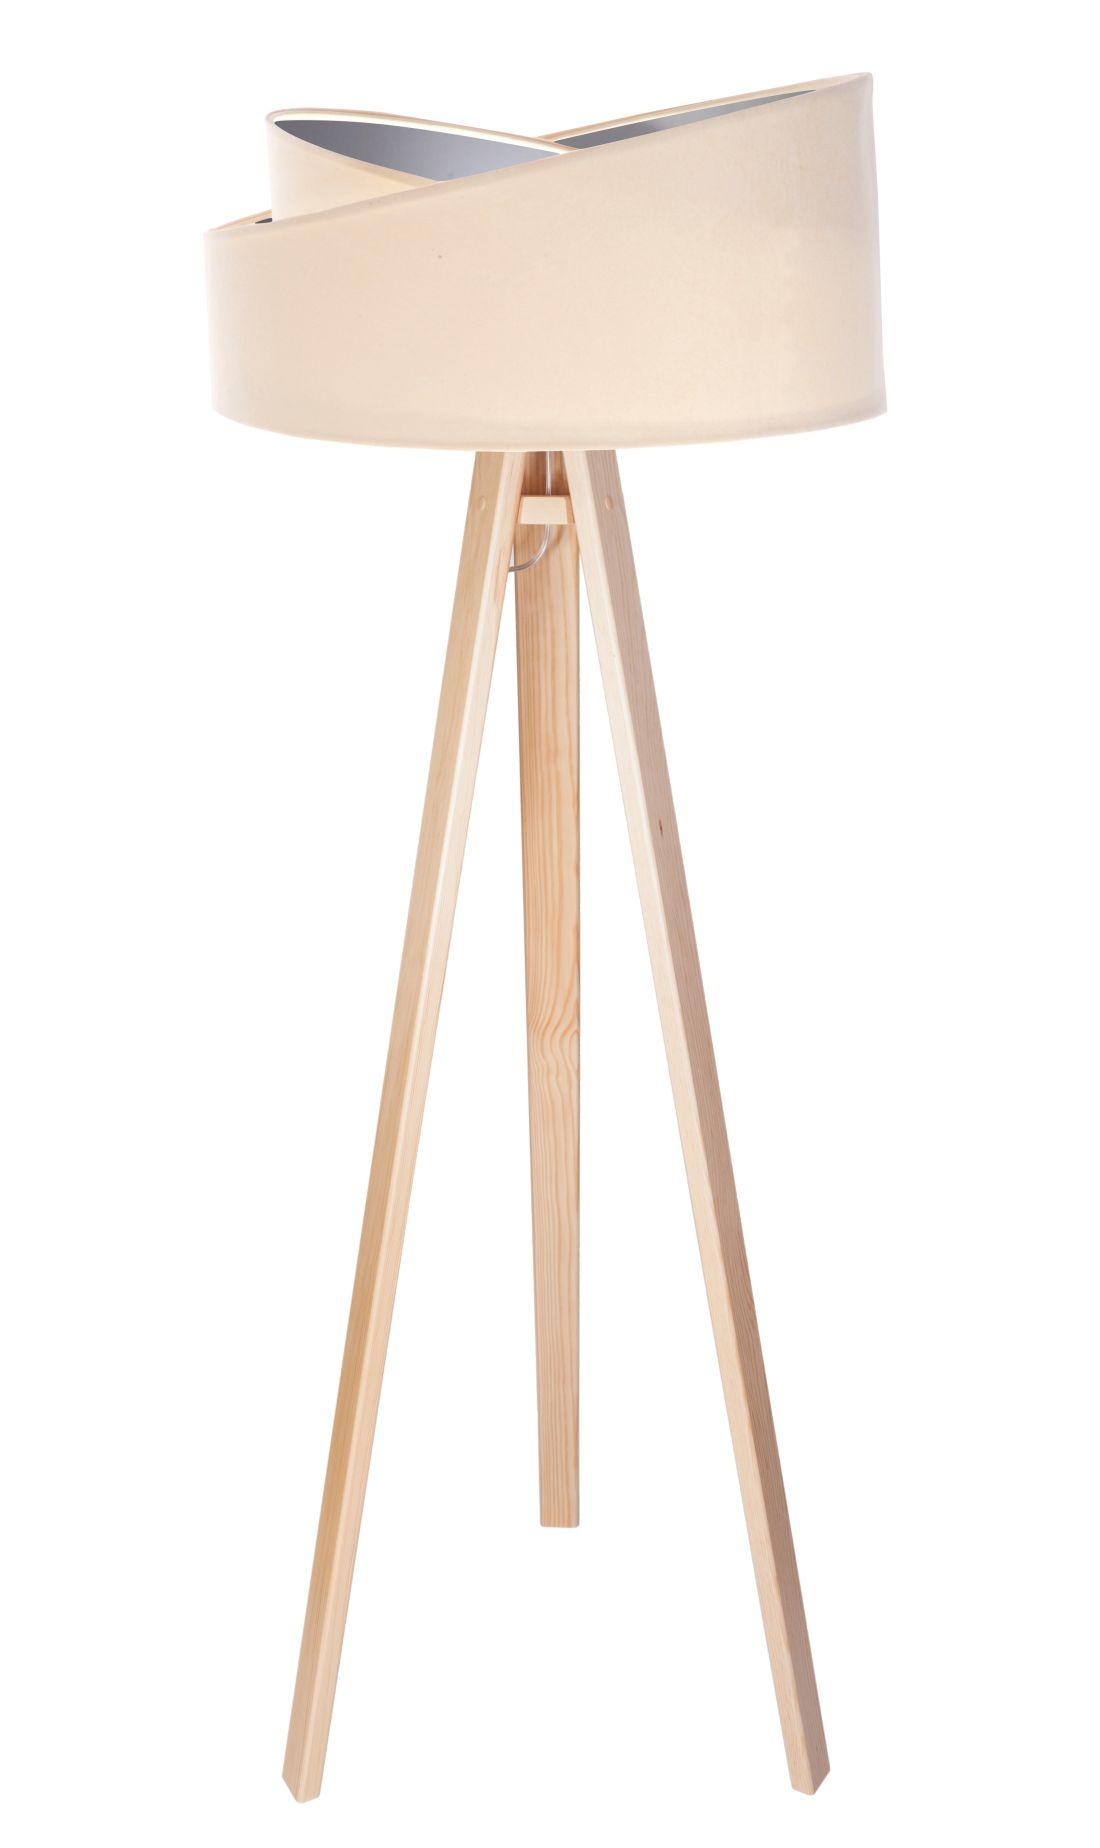 Stehlampe Holz Creme Silber Dreibein 145cm Wohnzimmer